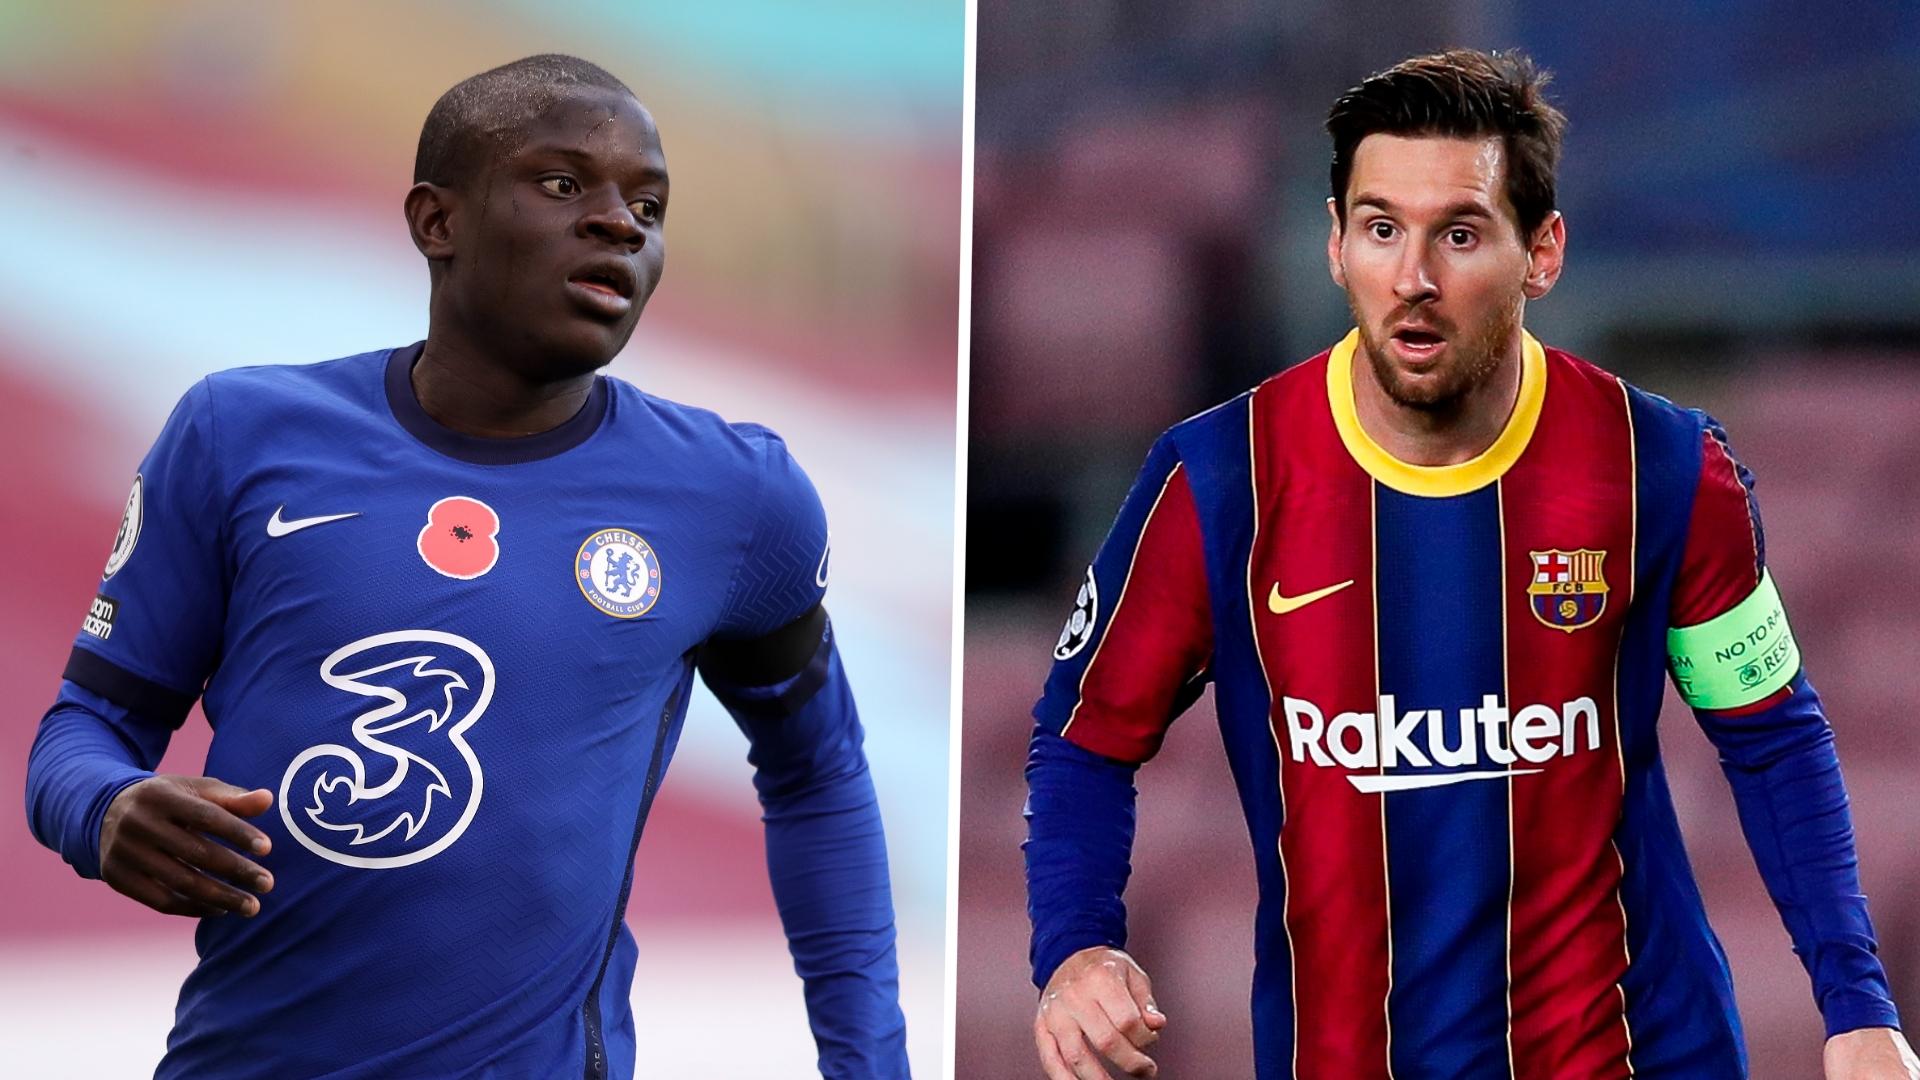 'Underestimated' Kante, not Messi, deserves 2021 Ballon d'Or – Somalia's Haibeh